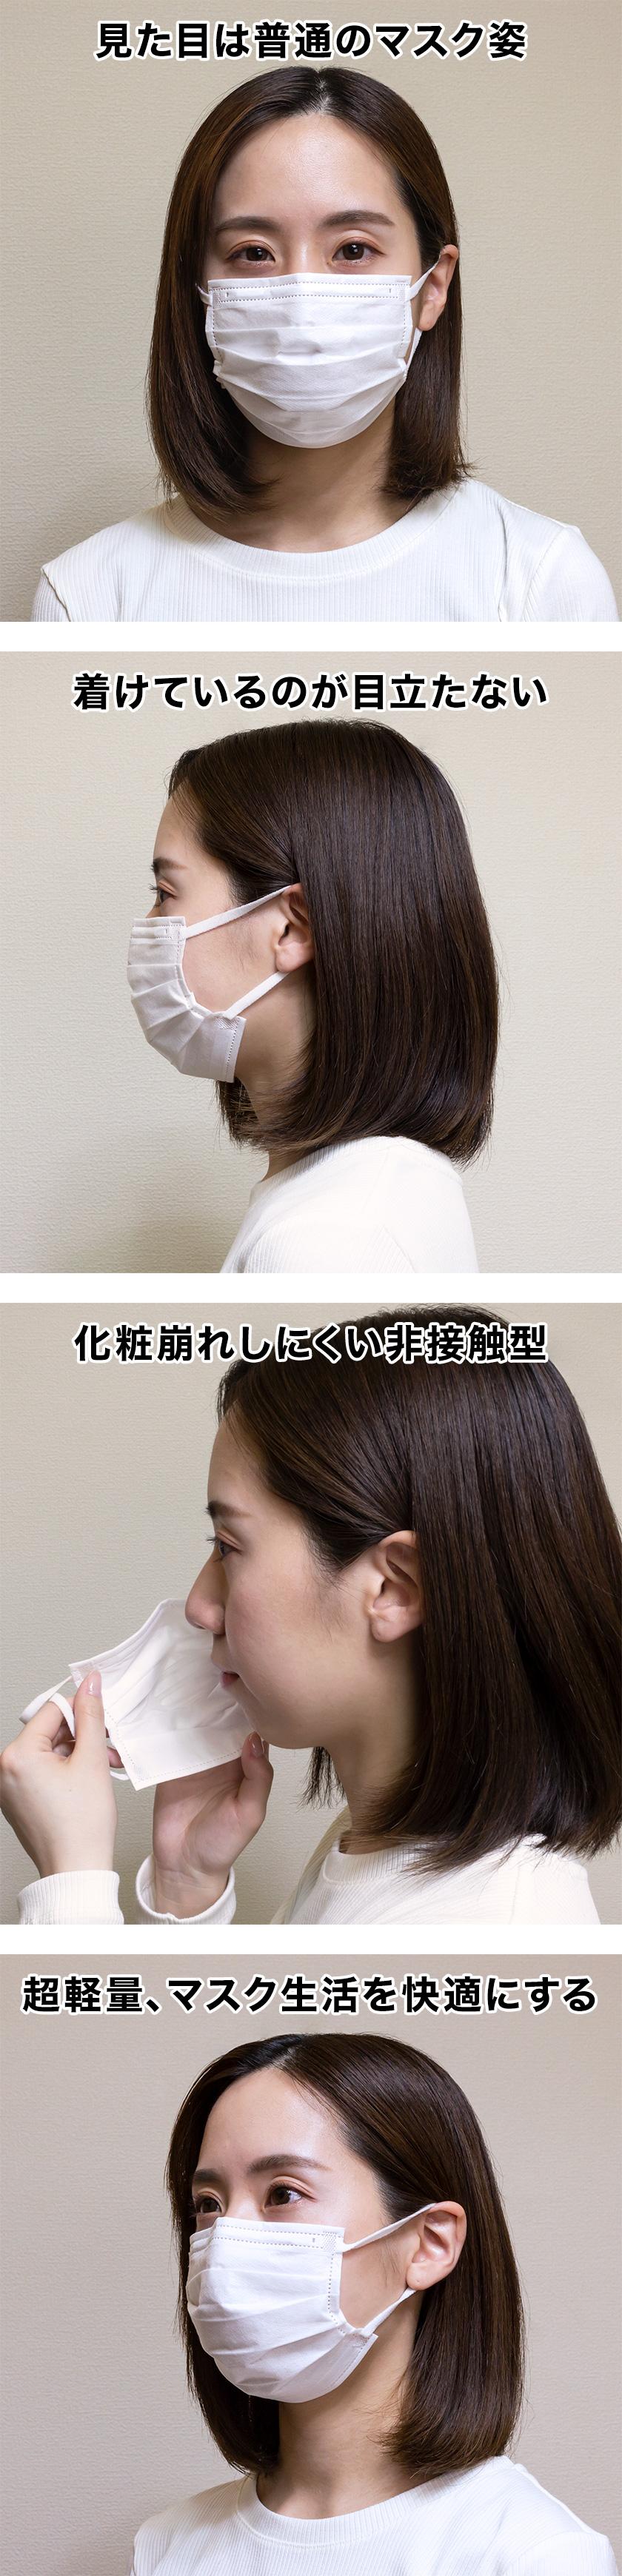 マスク装着時正面